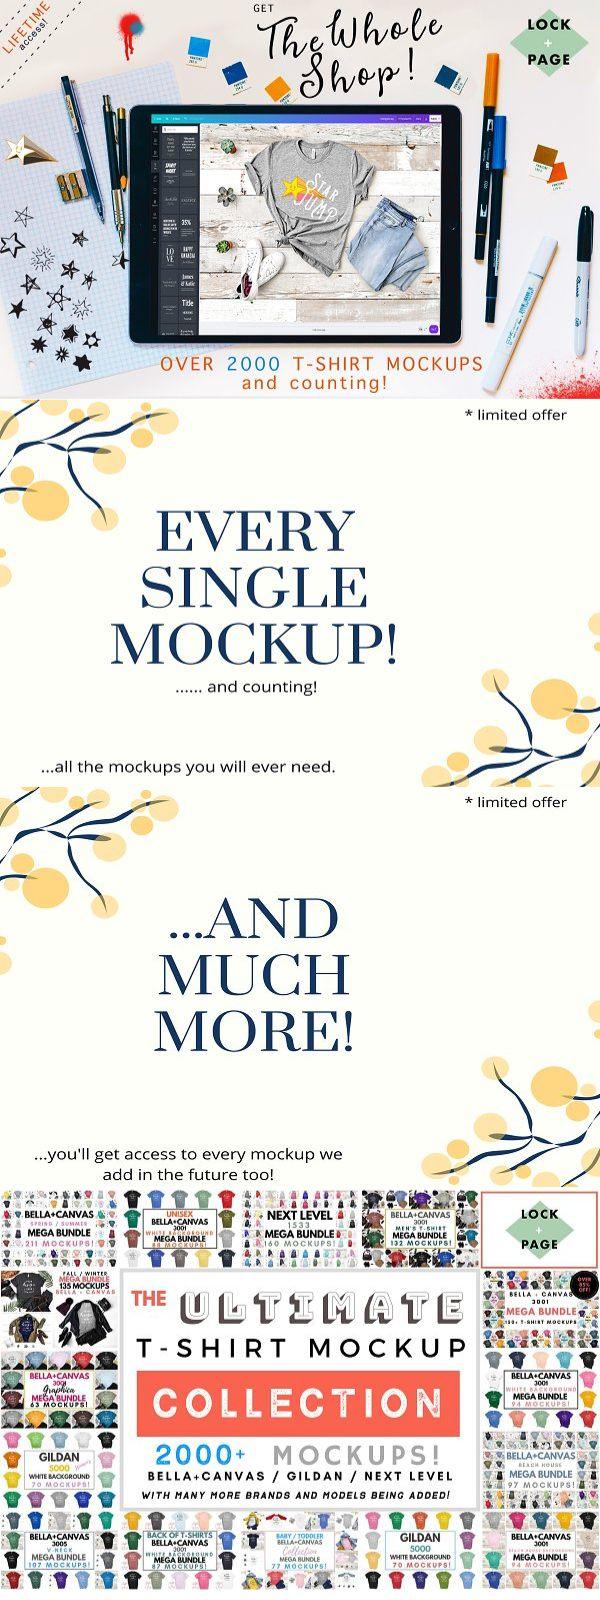 Download Whole Shop T Shirt Mockup Bundle Shirt Mockup Tshirt Mockup Mockup